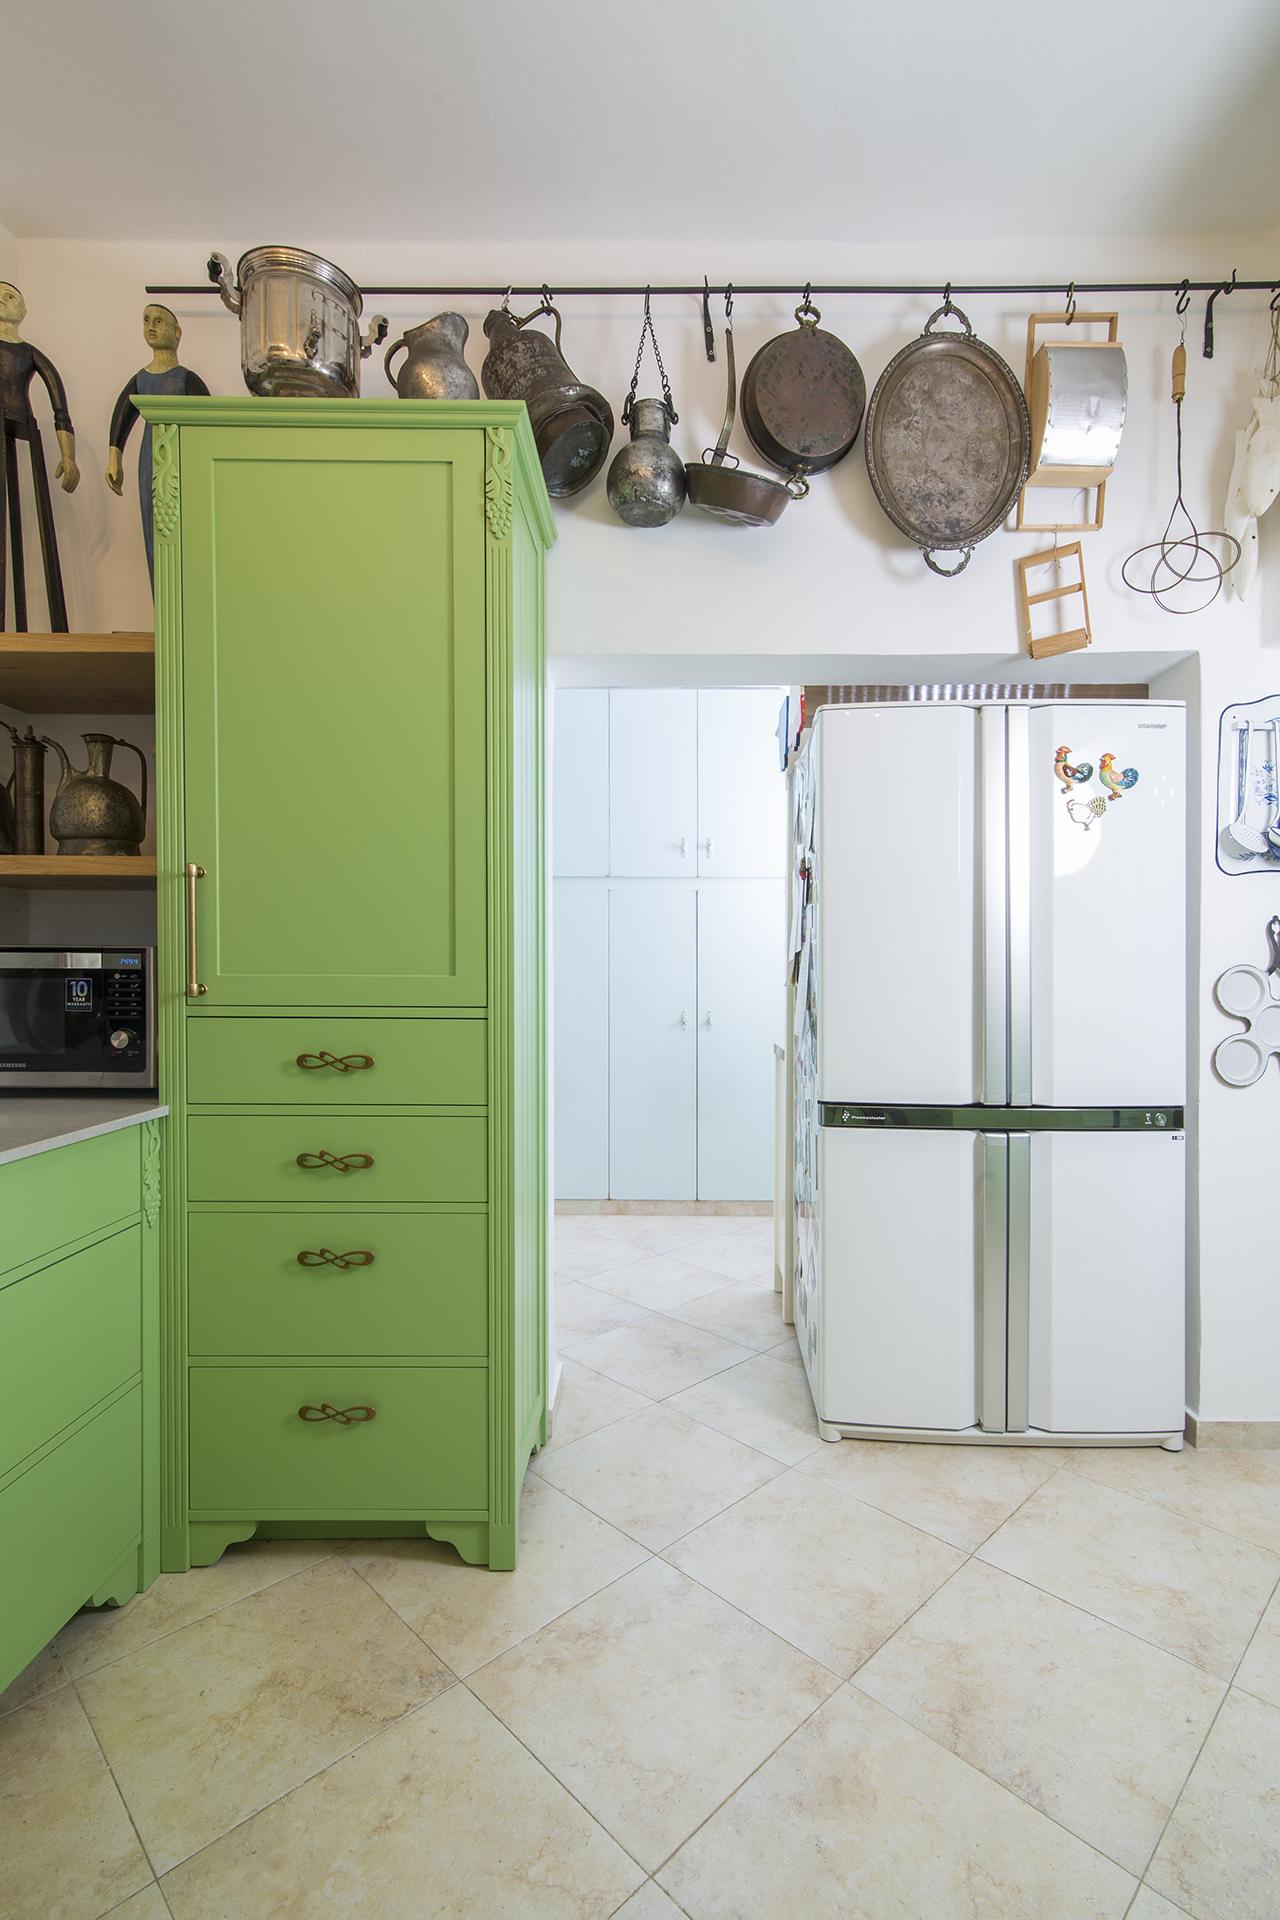 ארון גבוה במטבח